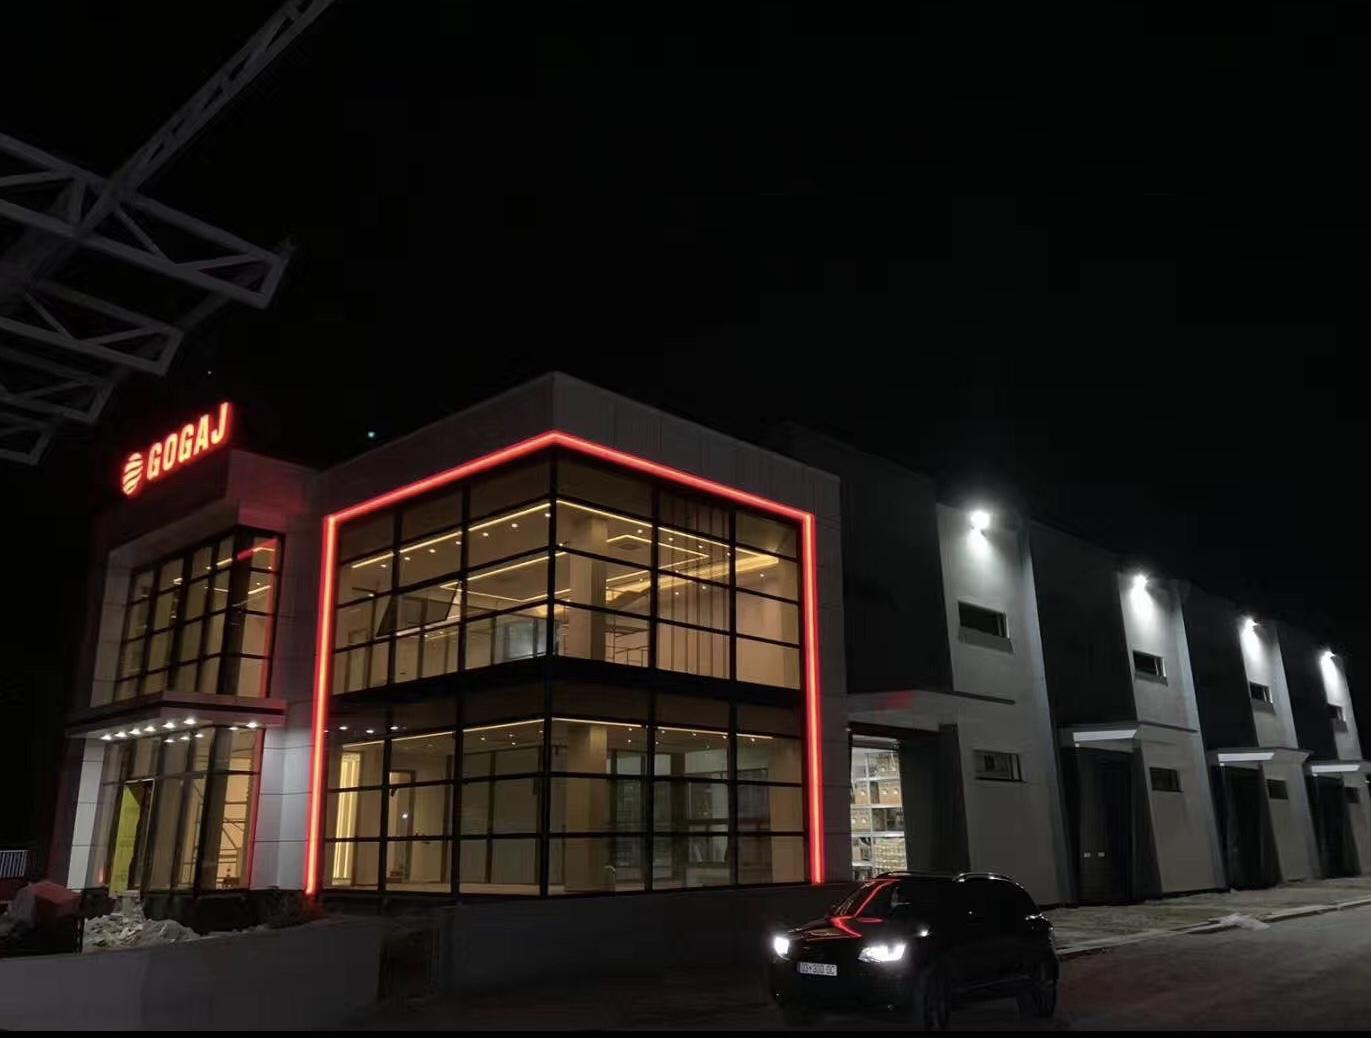 200watt LED Floodlights in Kosovo